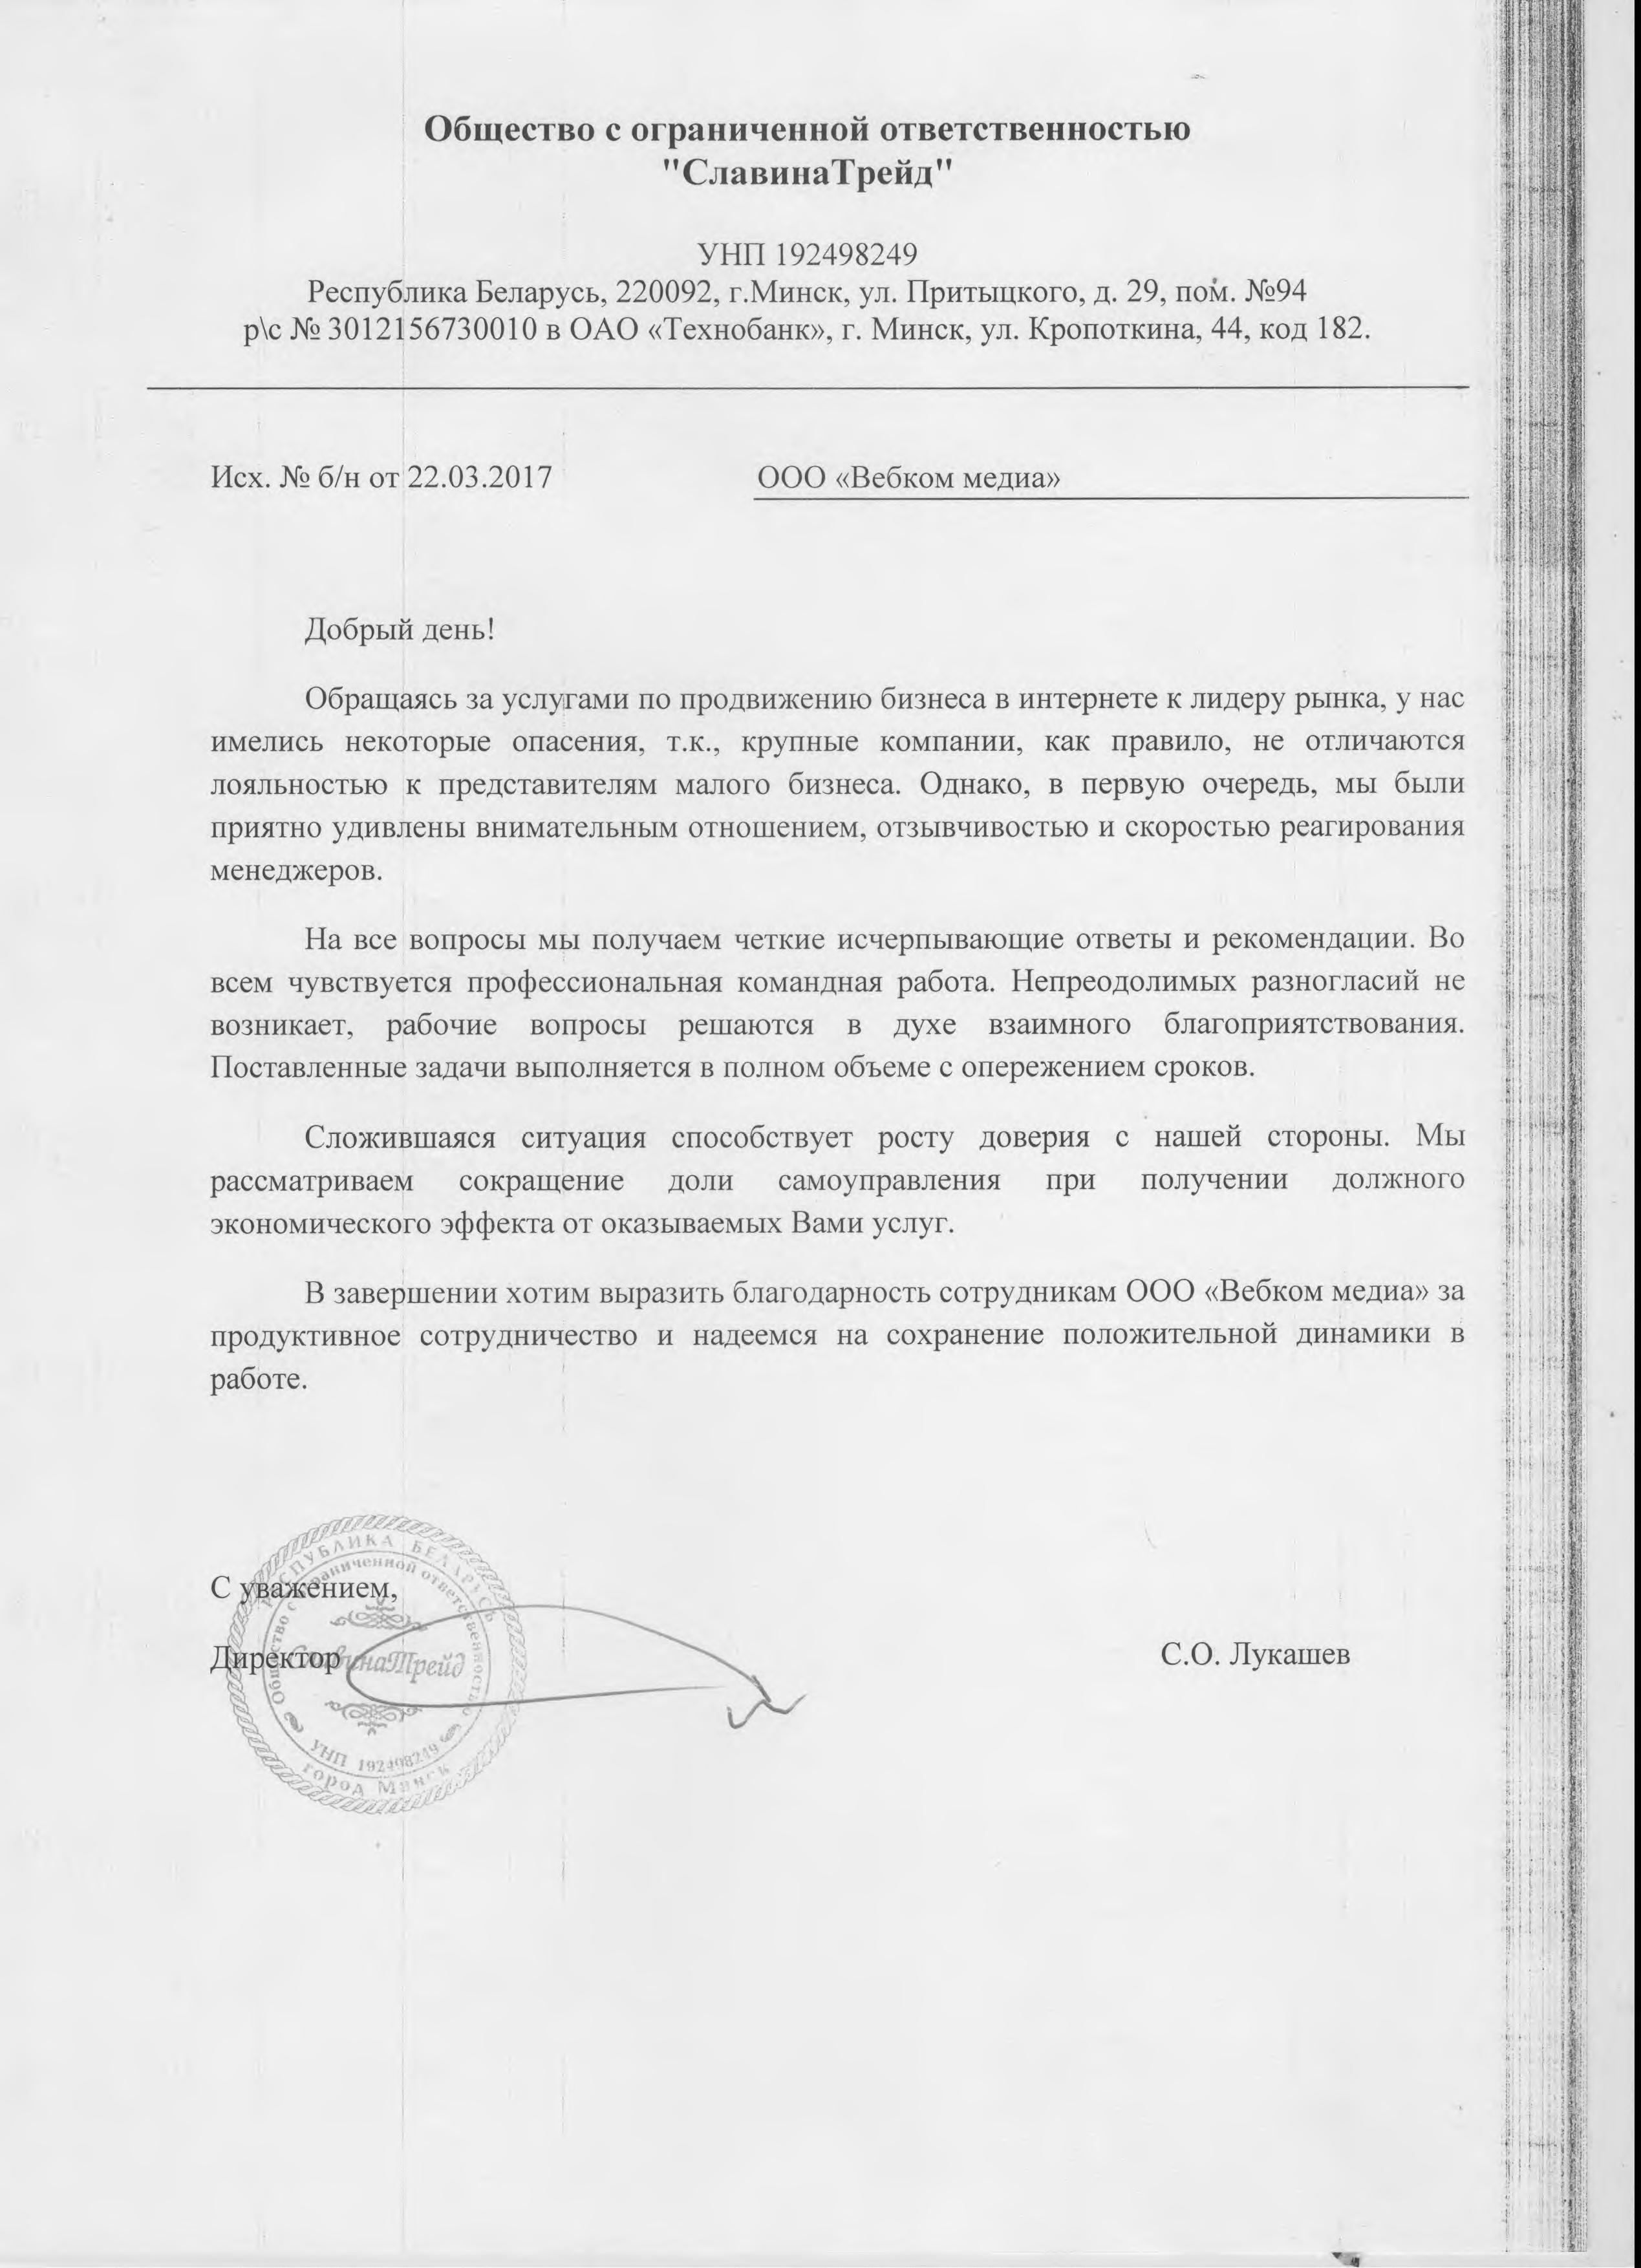 Директор ООО 'СлавинаТрейд'